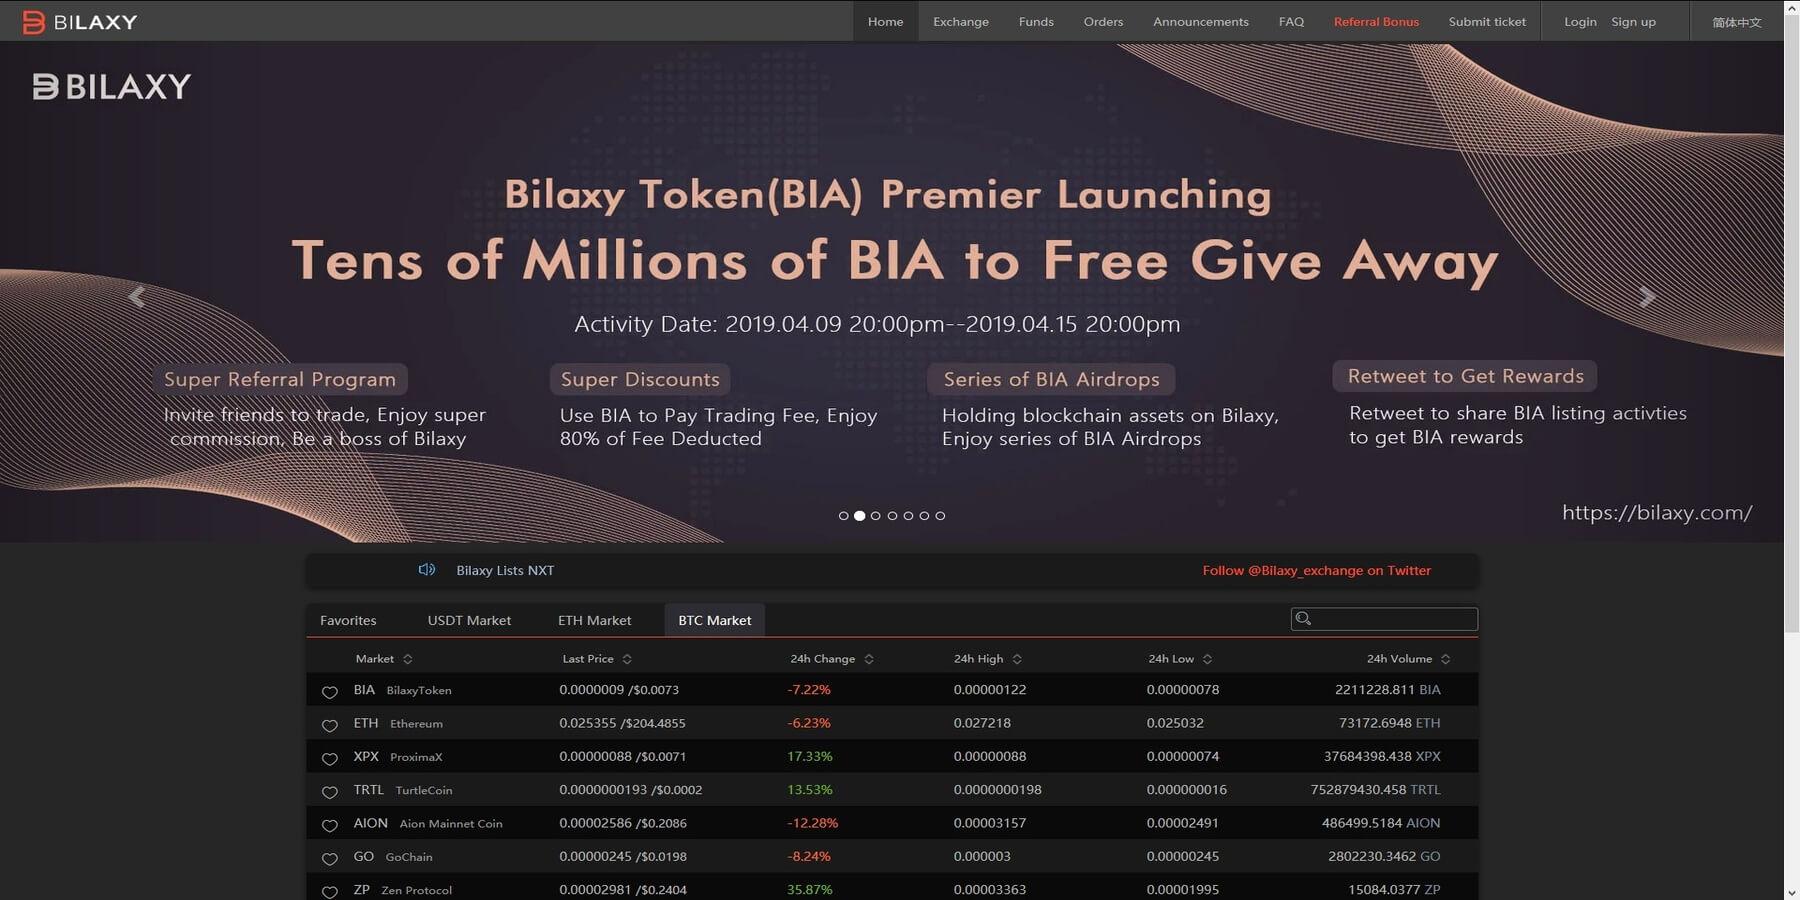 Acheter des cryptomonnaies chez Bilaxy